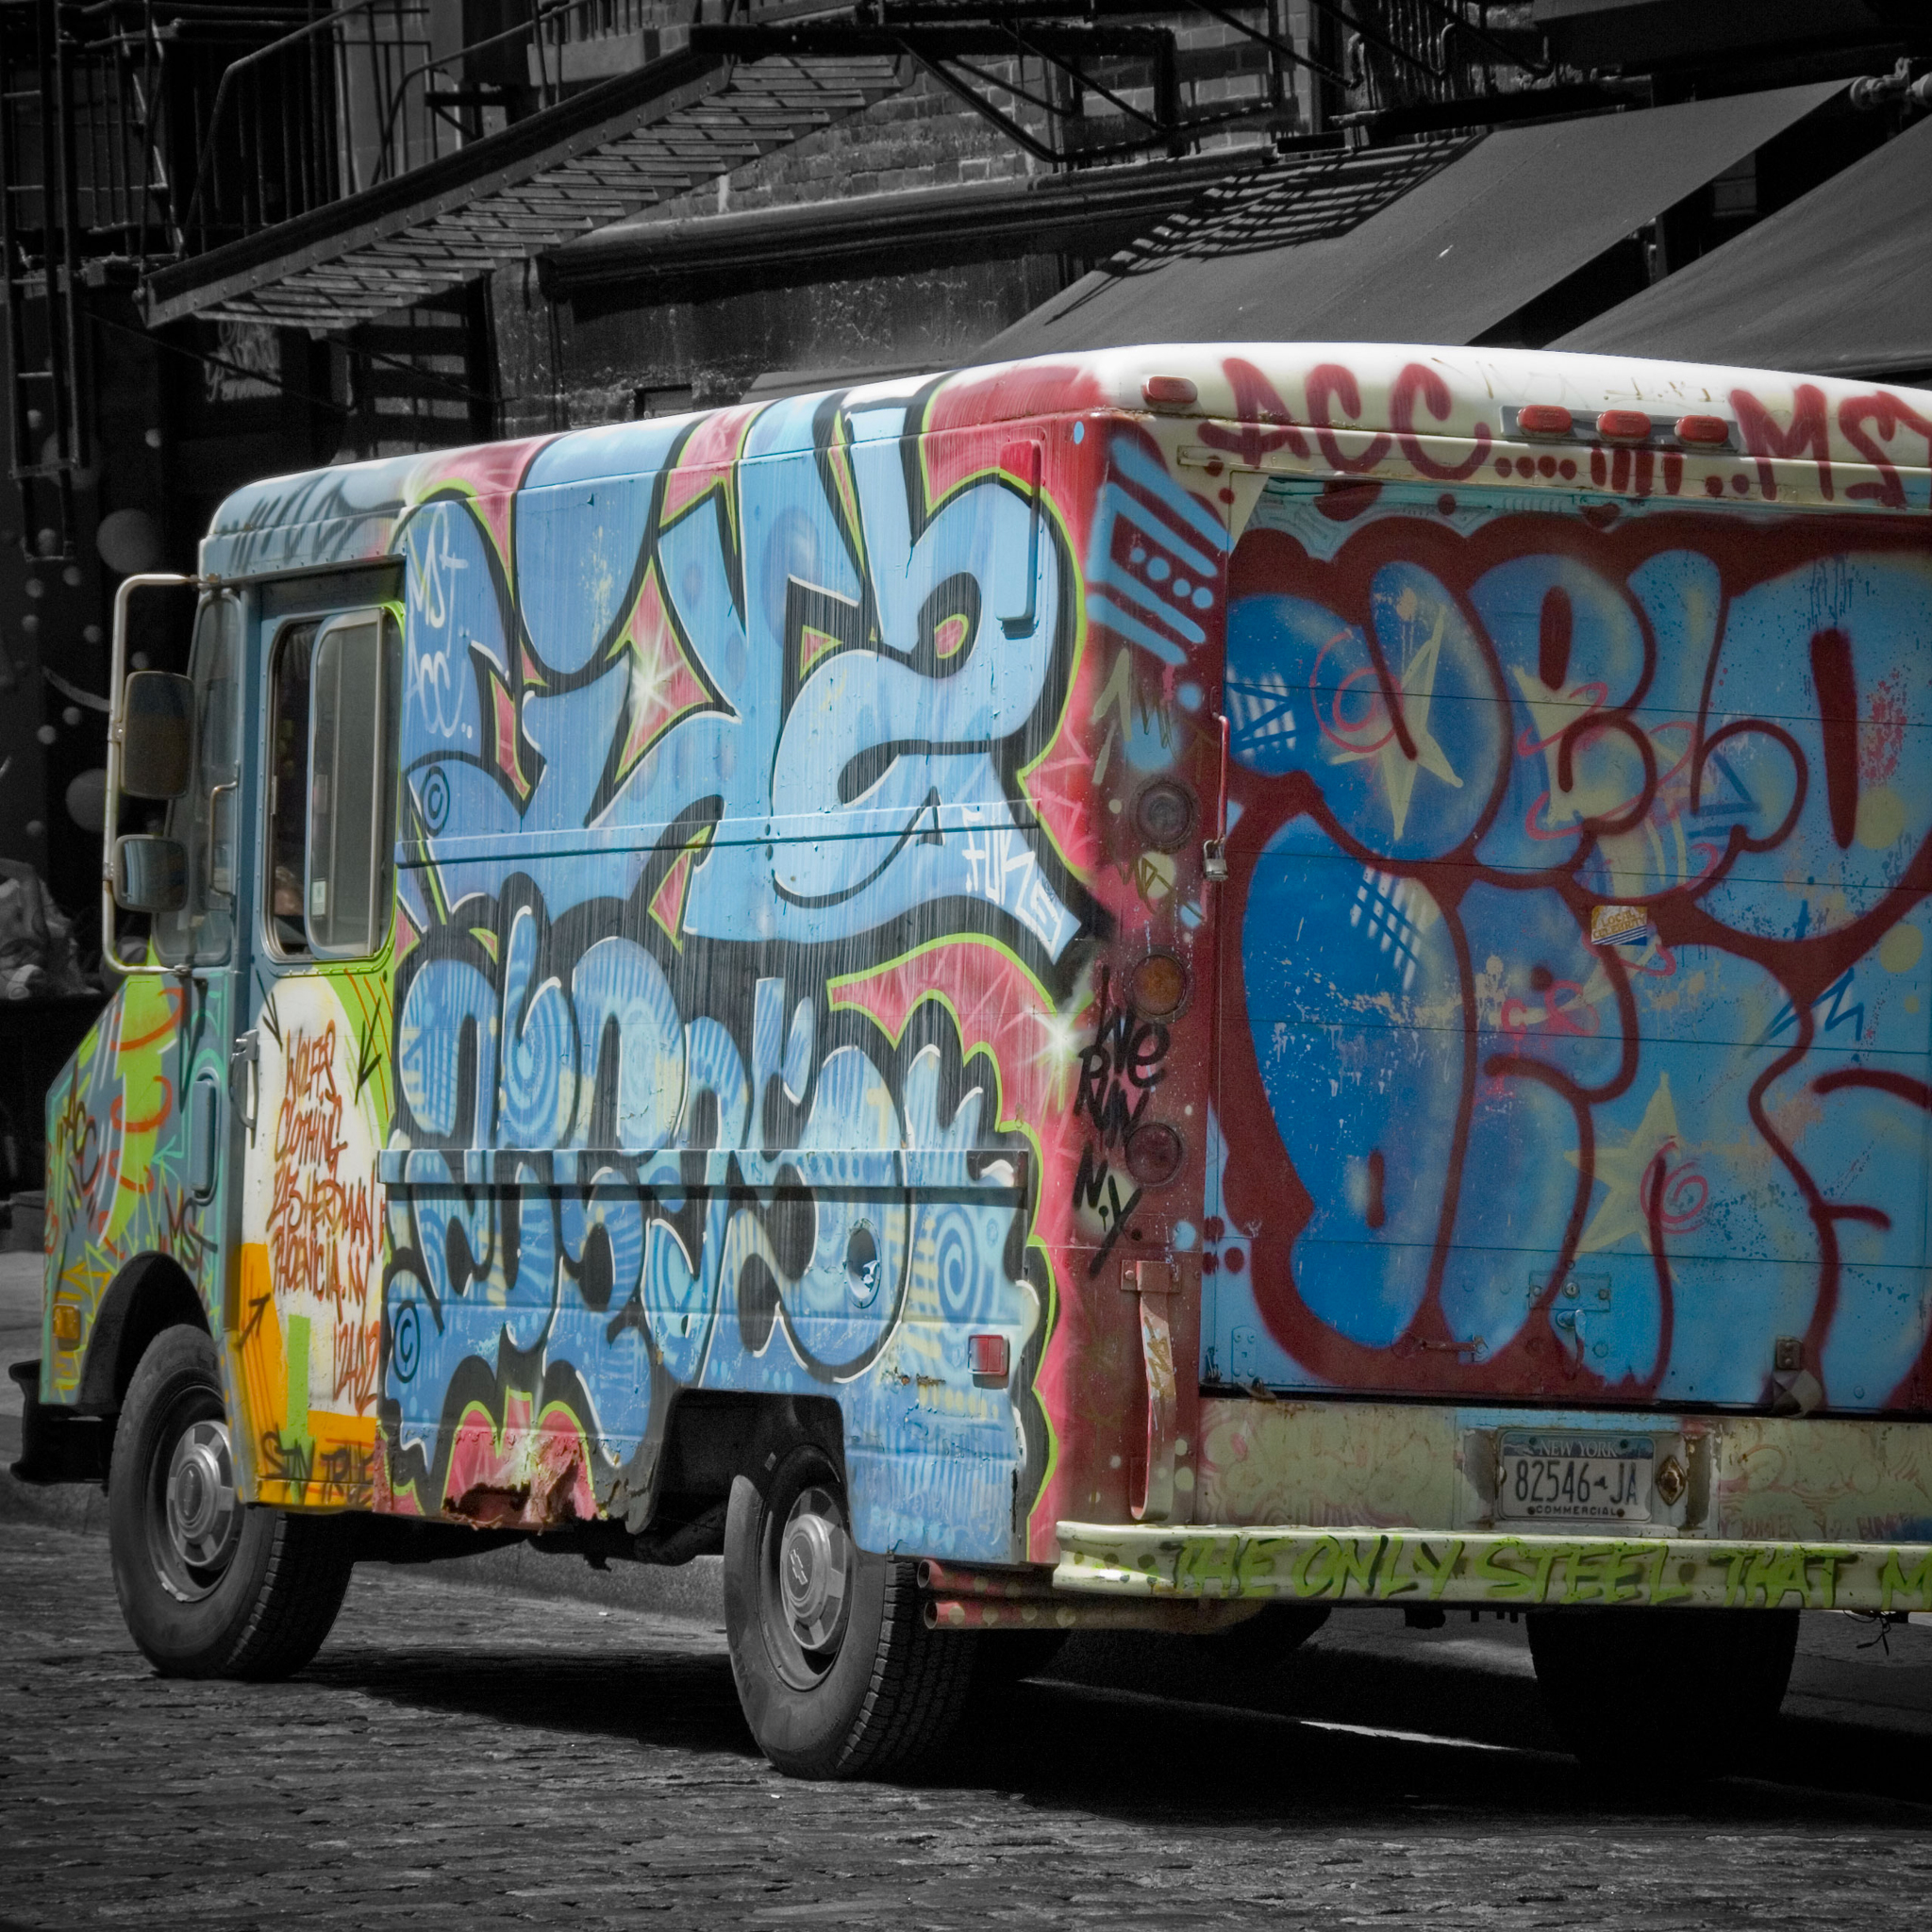 Graff-Truck-3Wallpapers-iPad-Retina